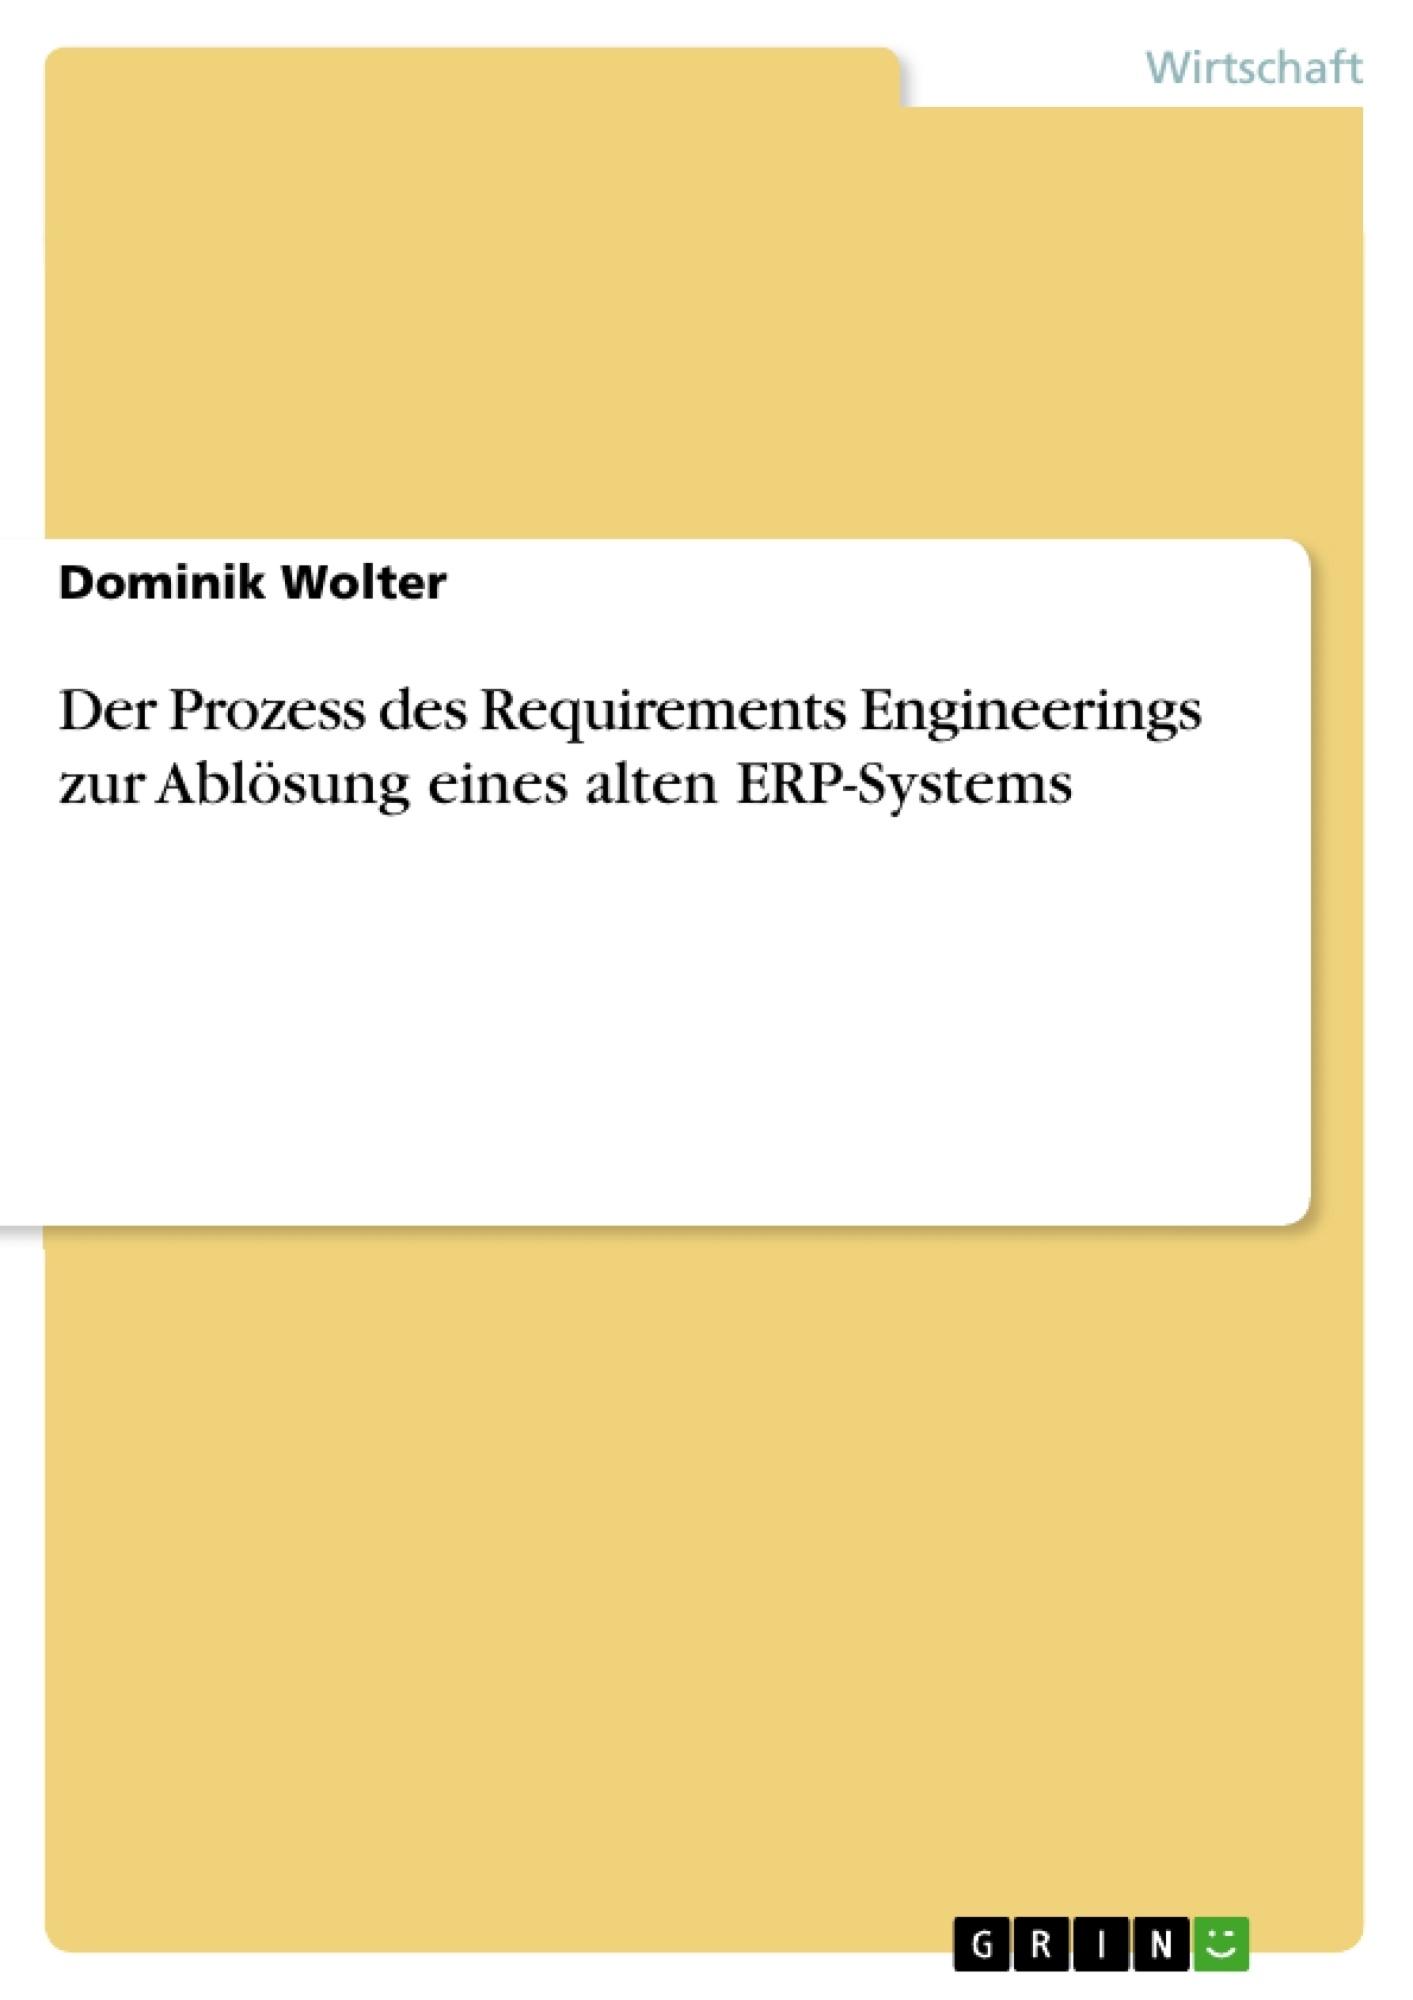 Titel: Der Prozess des Requirements Engineerings zur Ablösung eines alten ERP-Systems